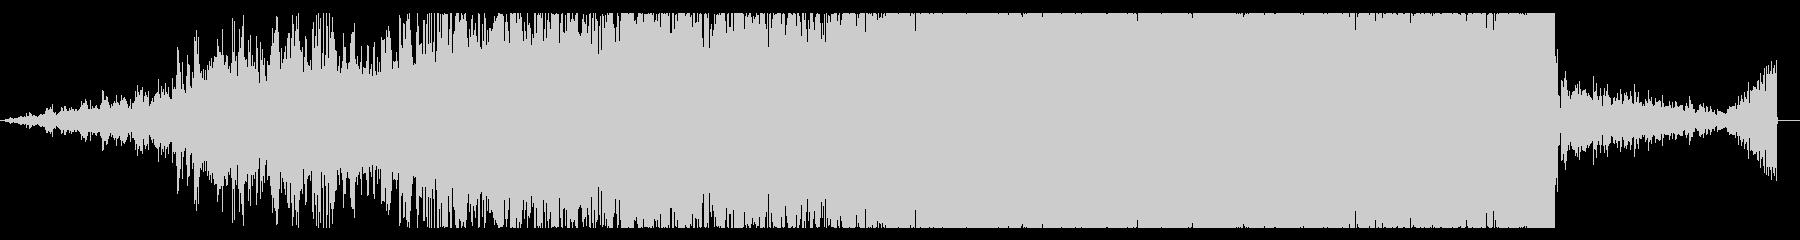 デジタルなホラーアンビエントの未再生の波形